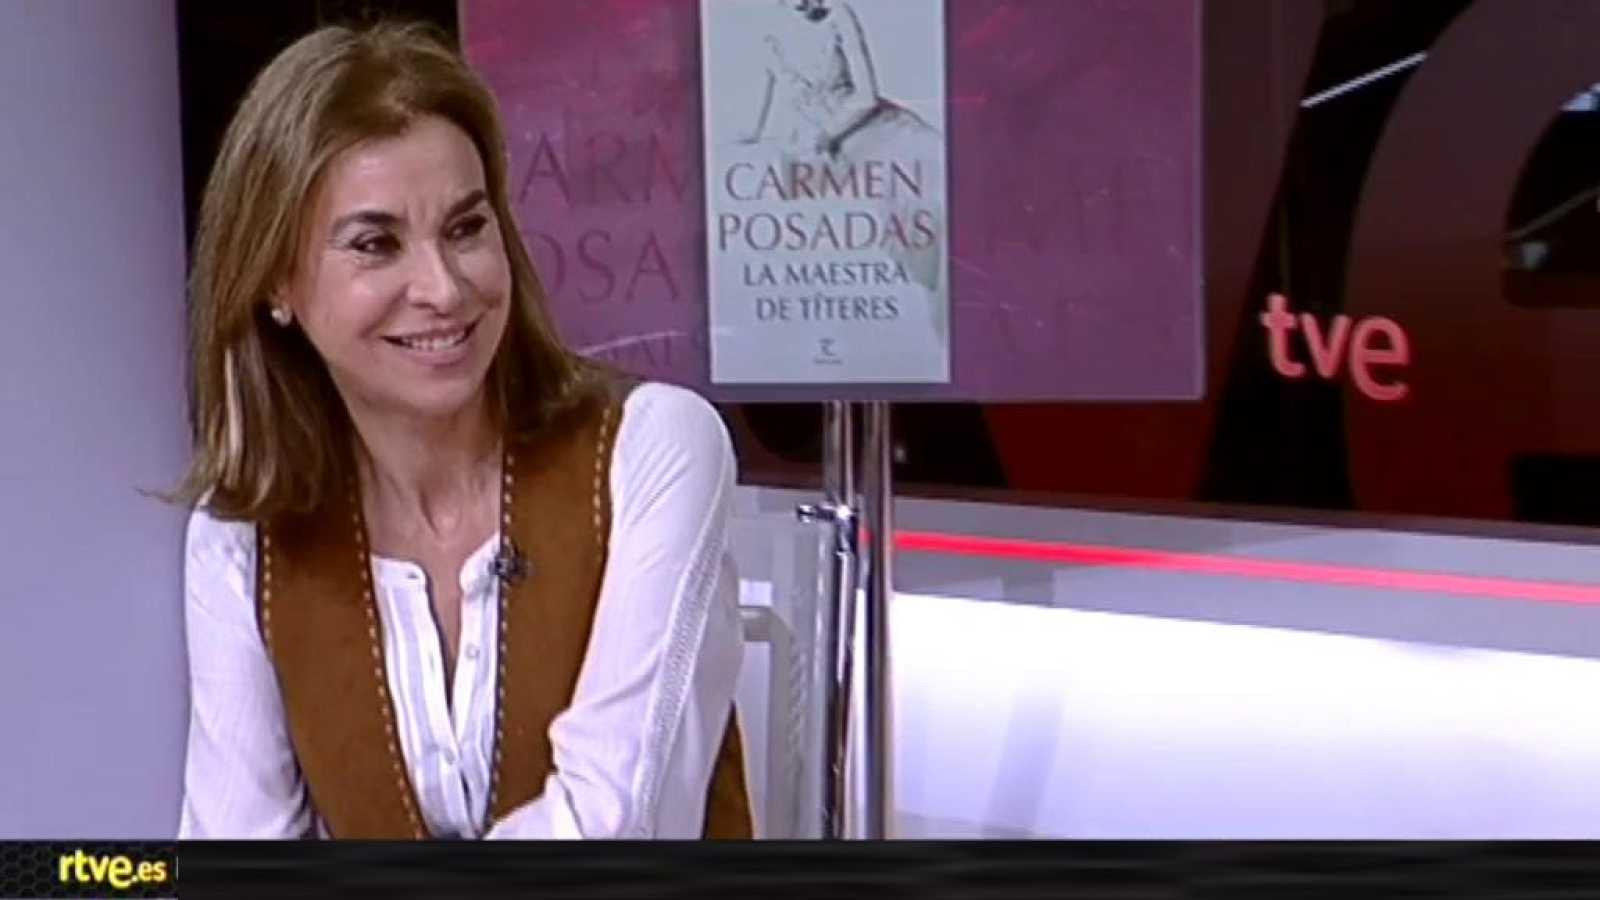 La tarde en 24 horas - La Barra - Libros - 13/02/19 - ver ahora